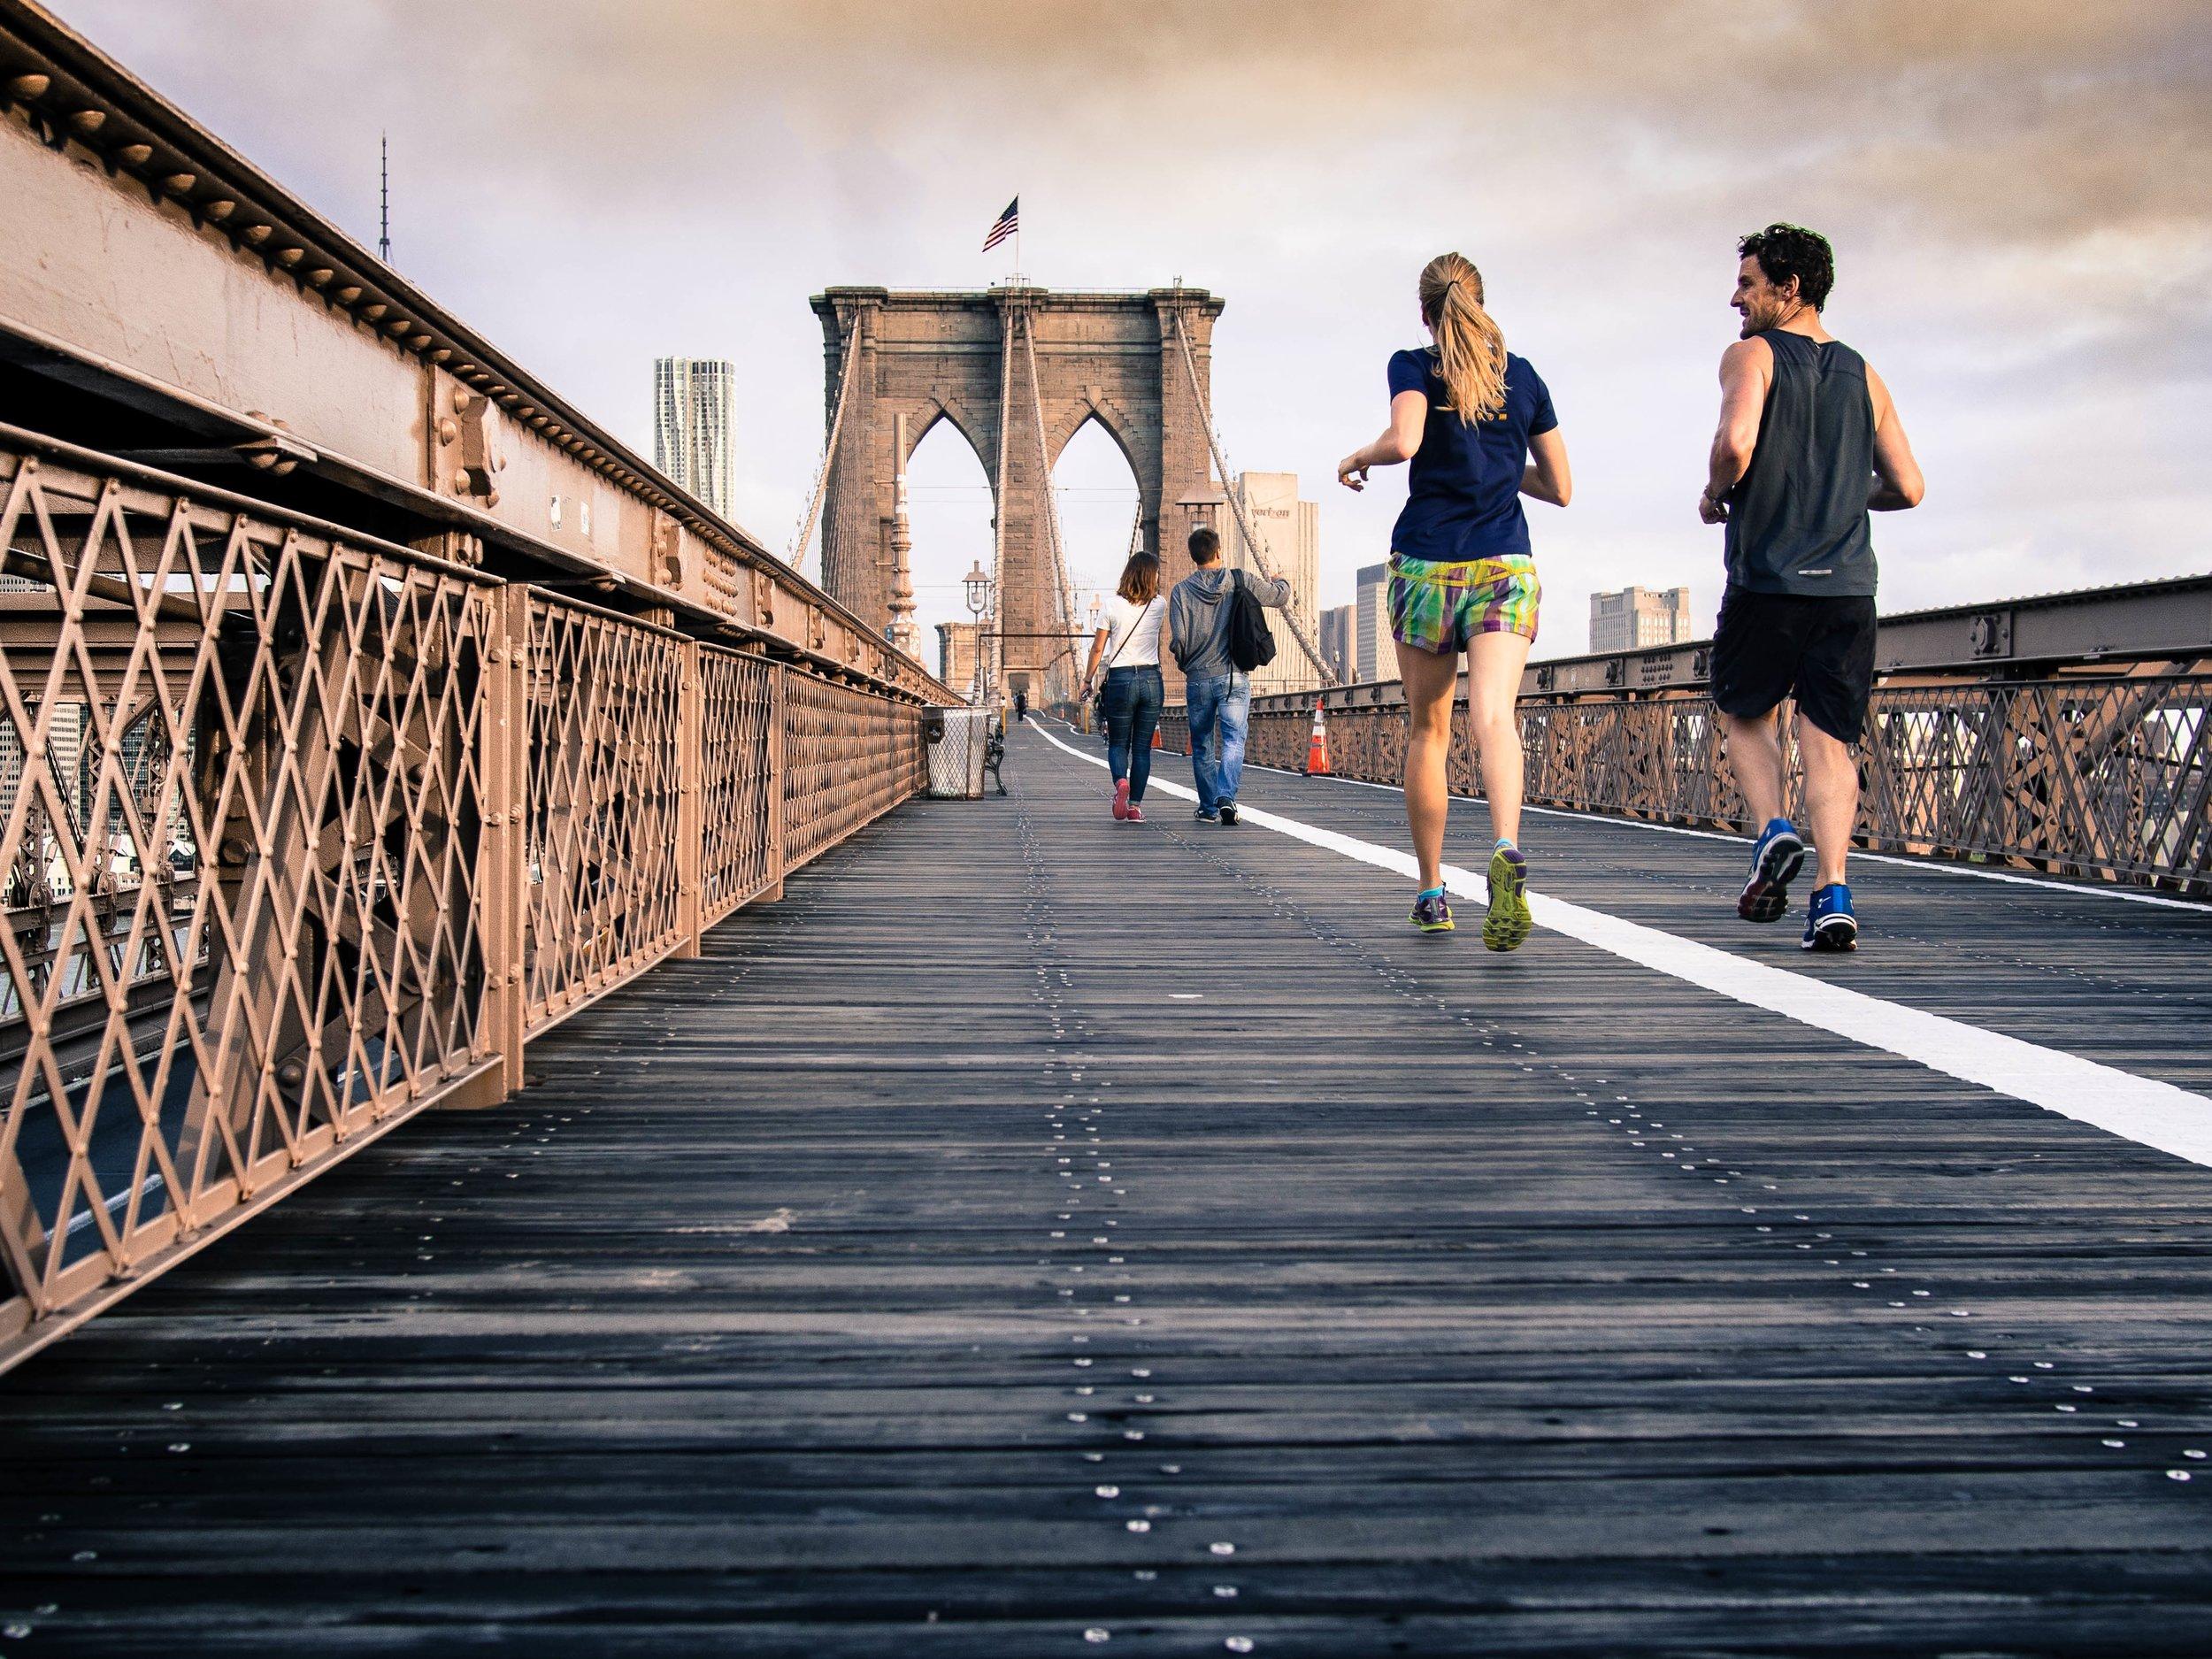 Exercise to minimise binge eating